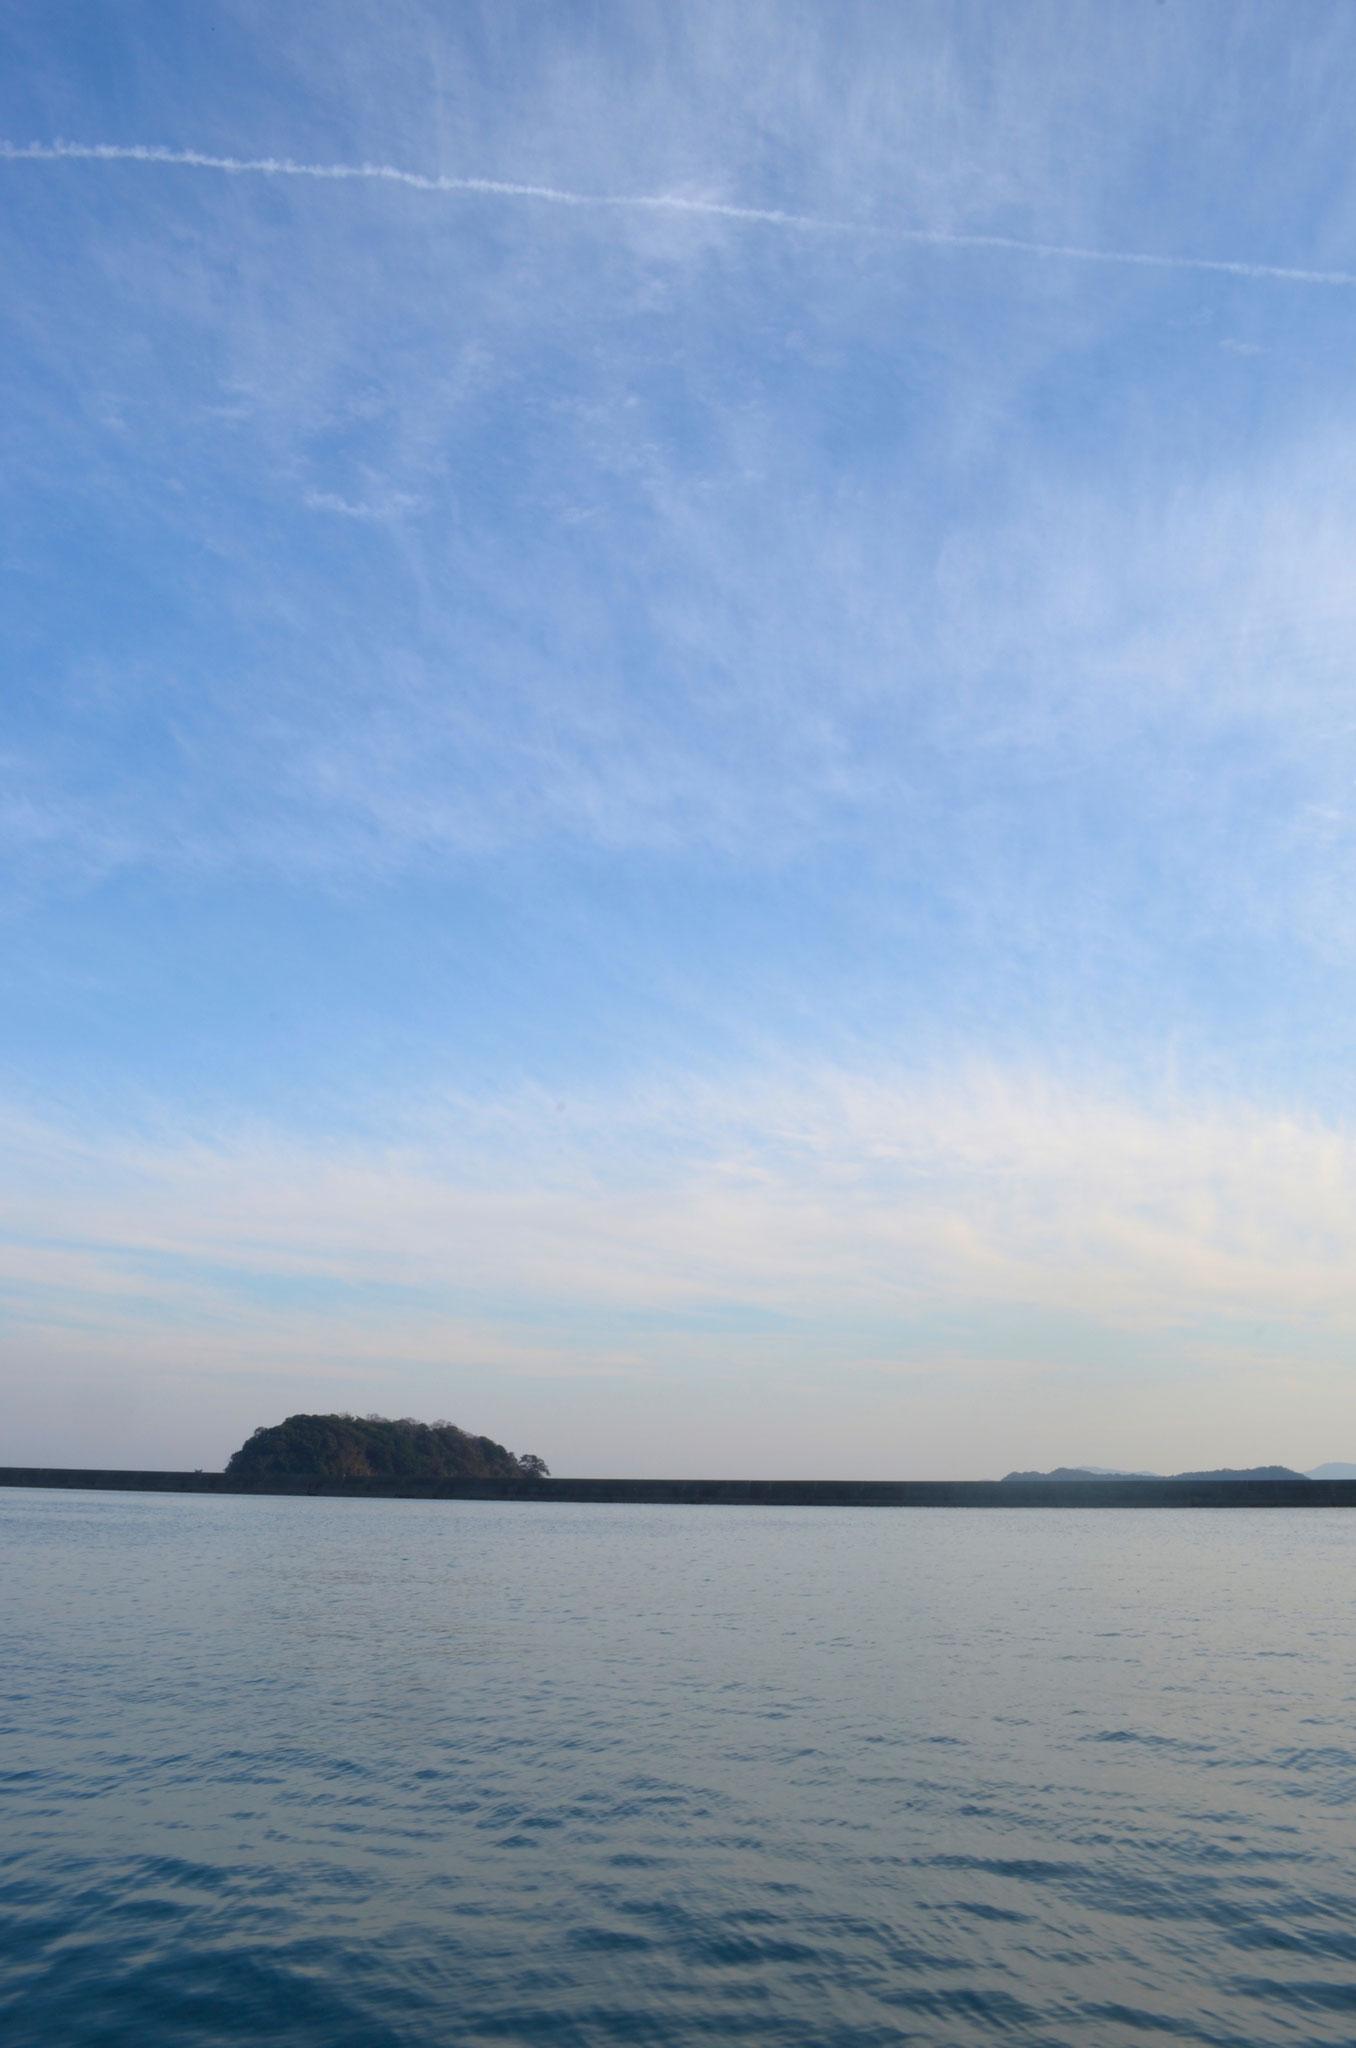 竹島が見えてきます。